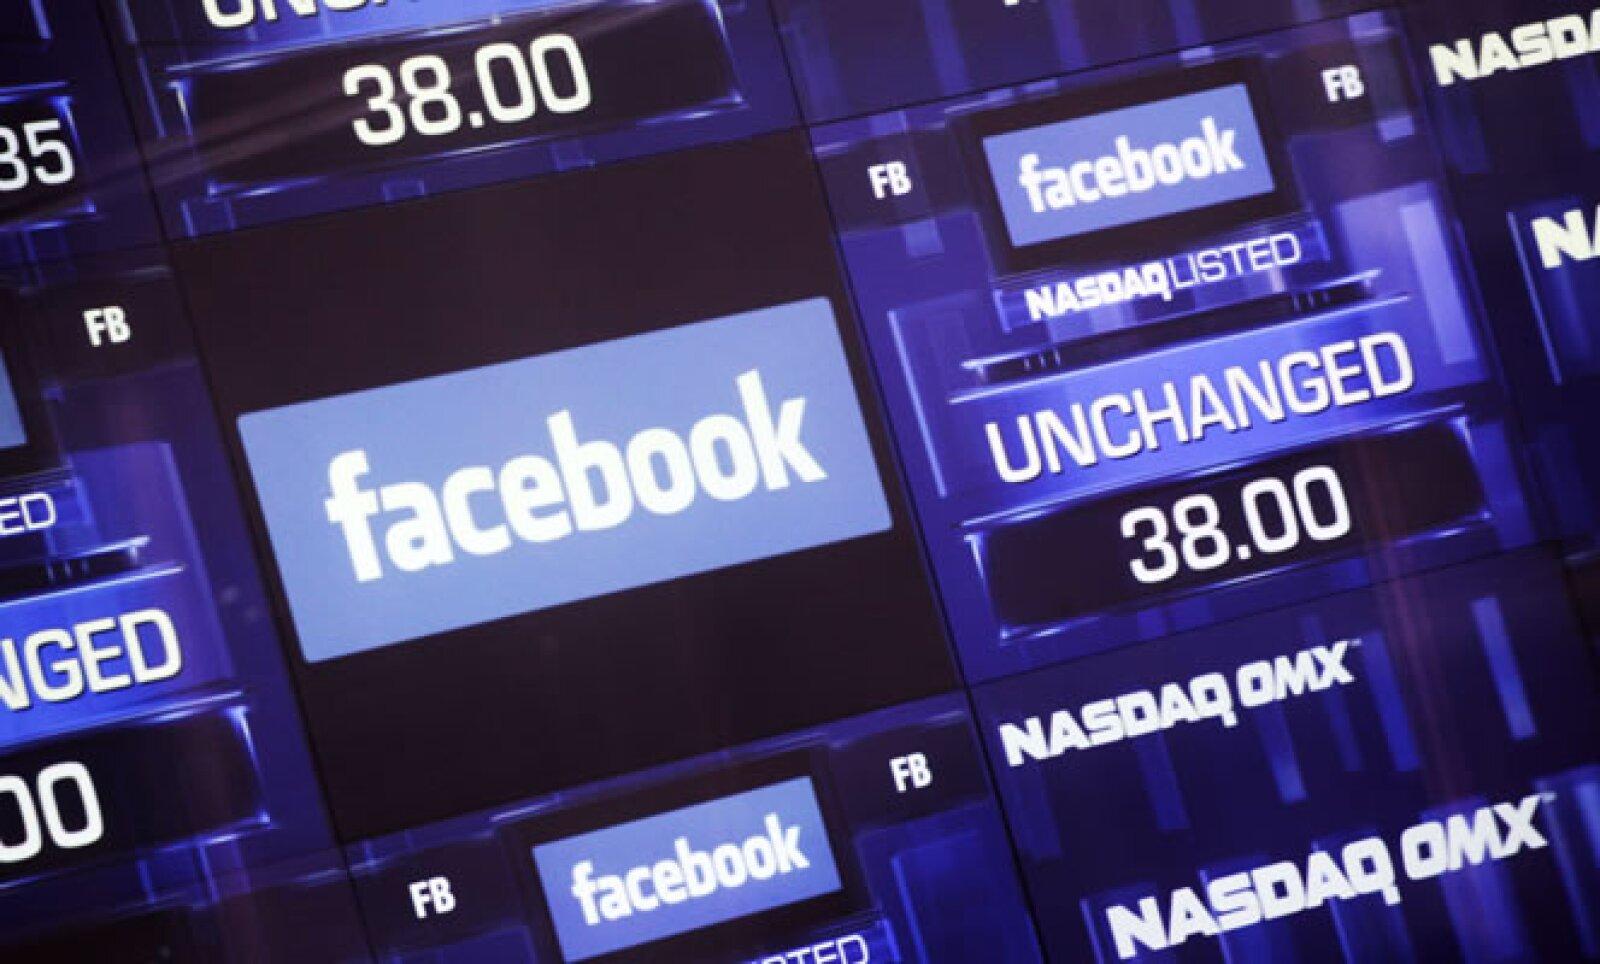 La empresa cotiza en la Bolsa con la clave FB y su precio de salida es de 38 dólares.